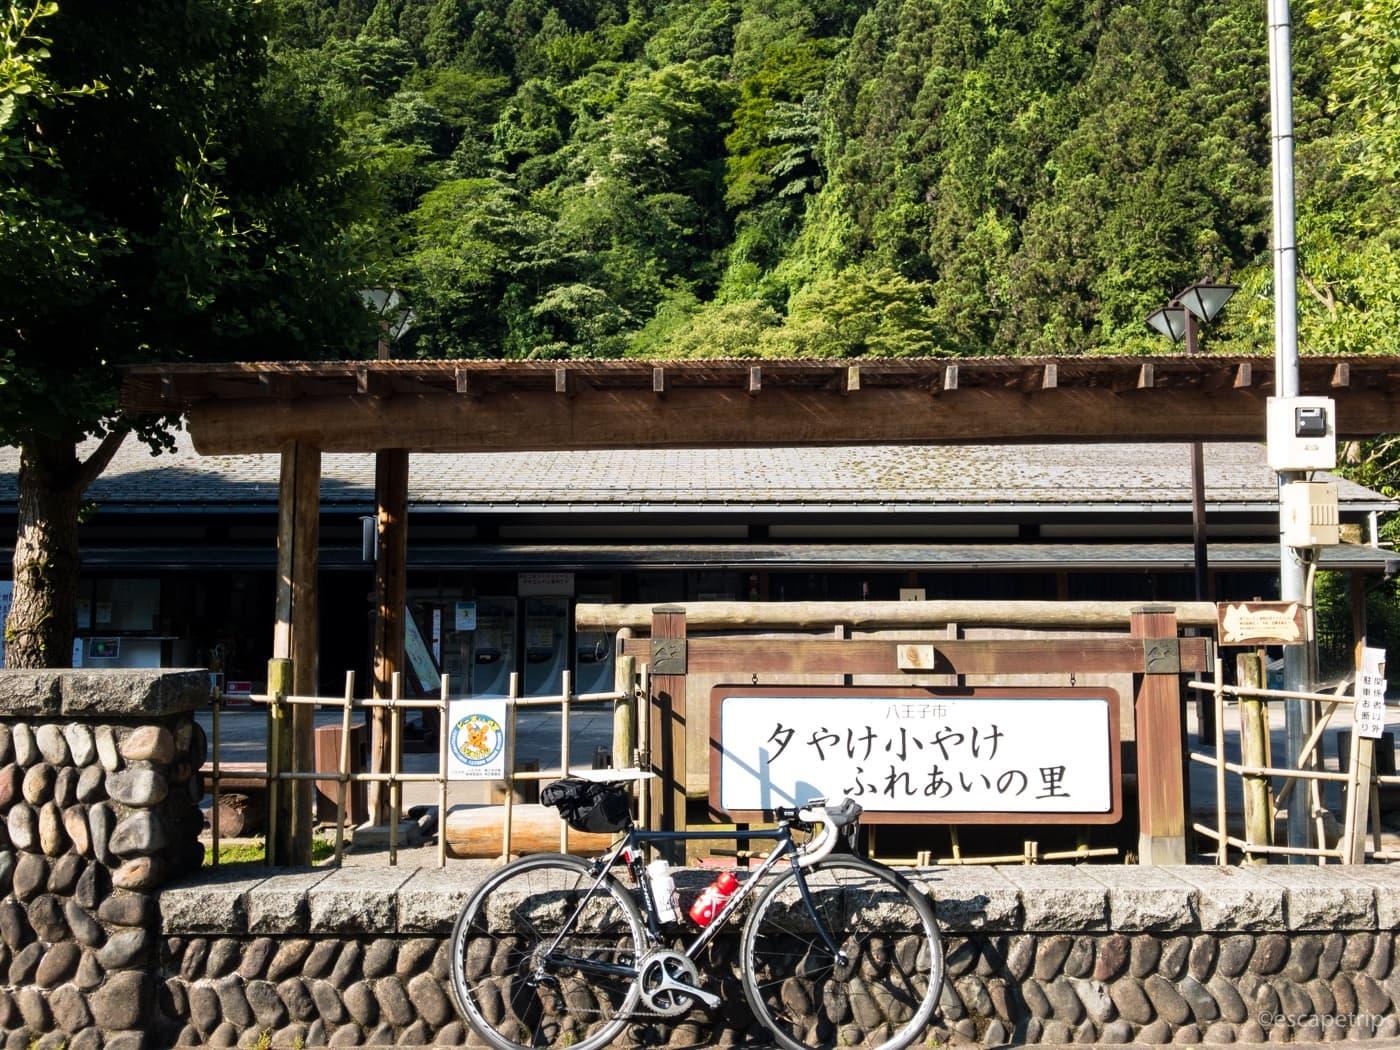 和田峠へ向かう道